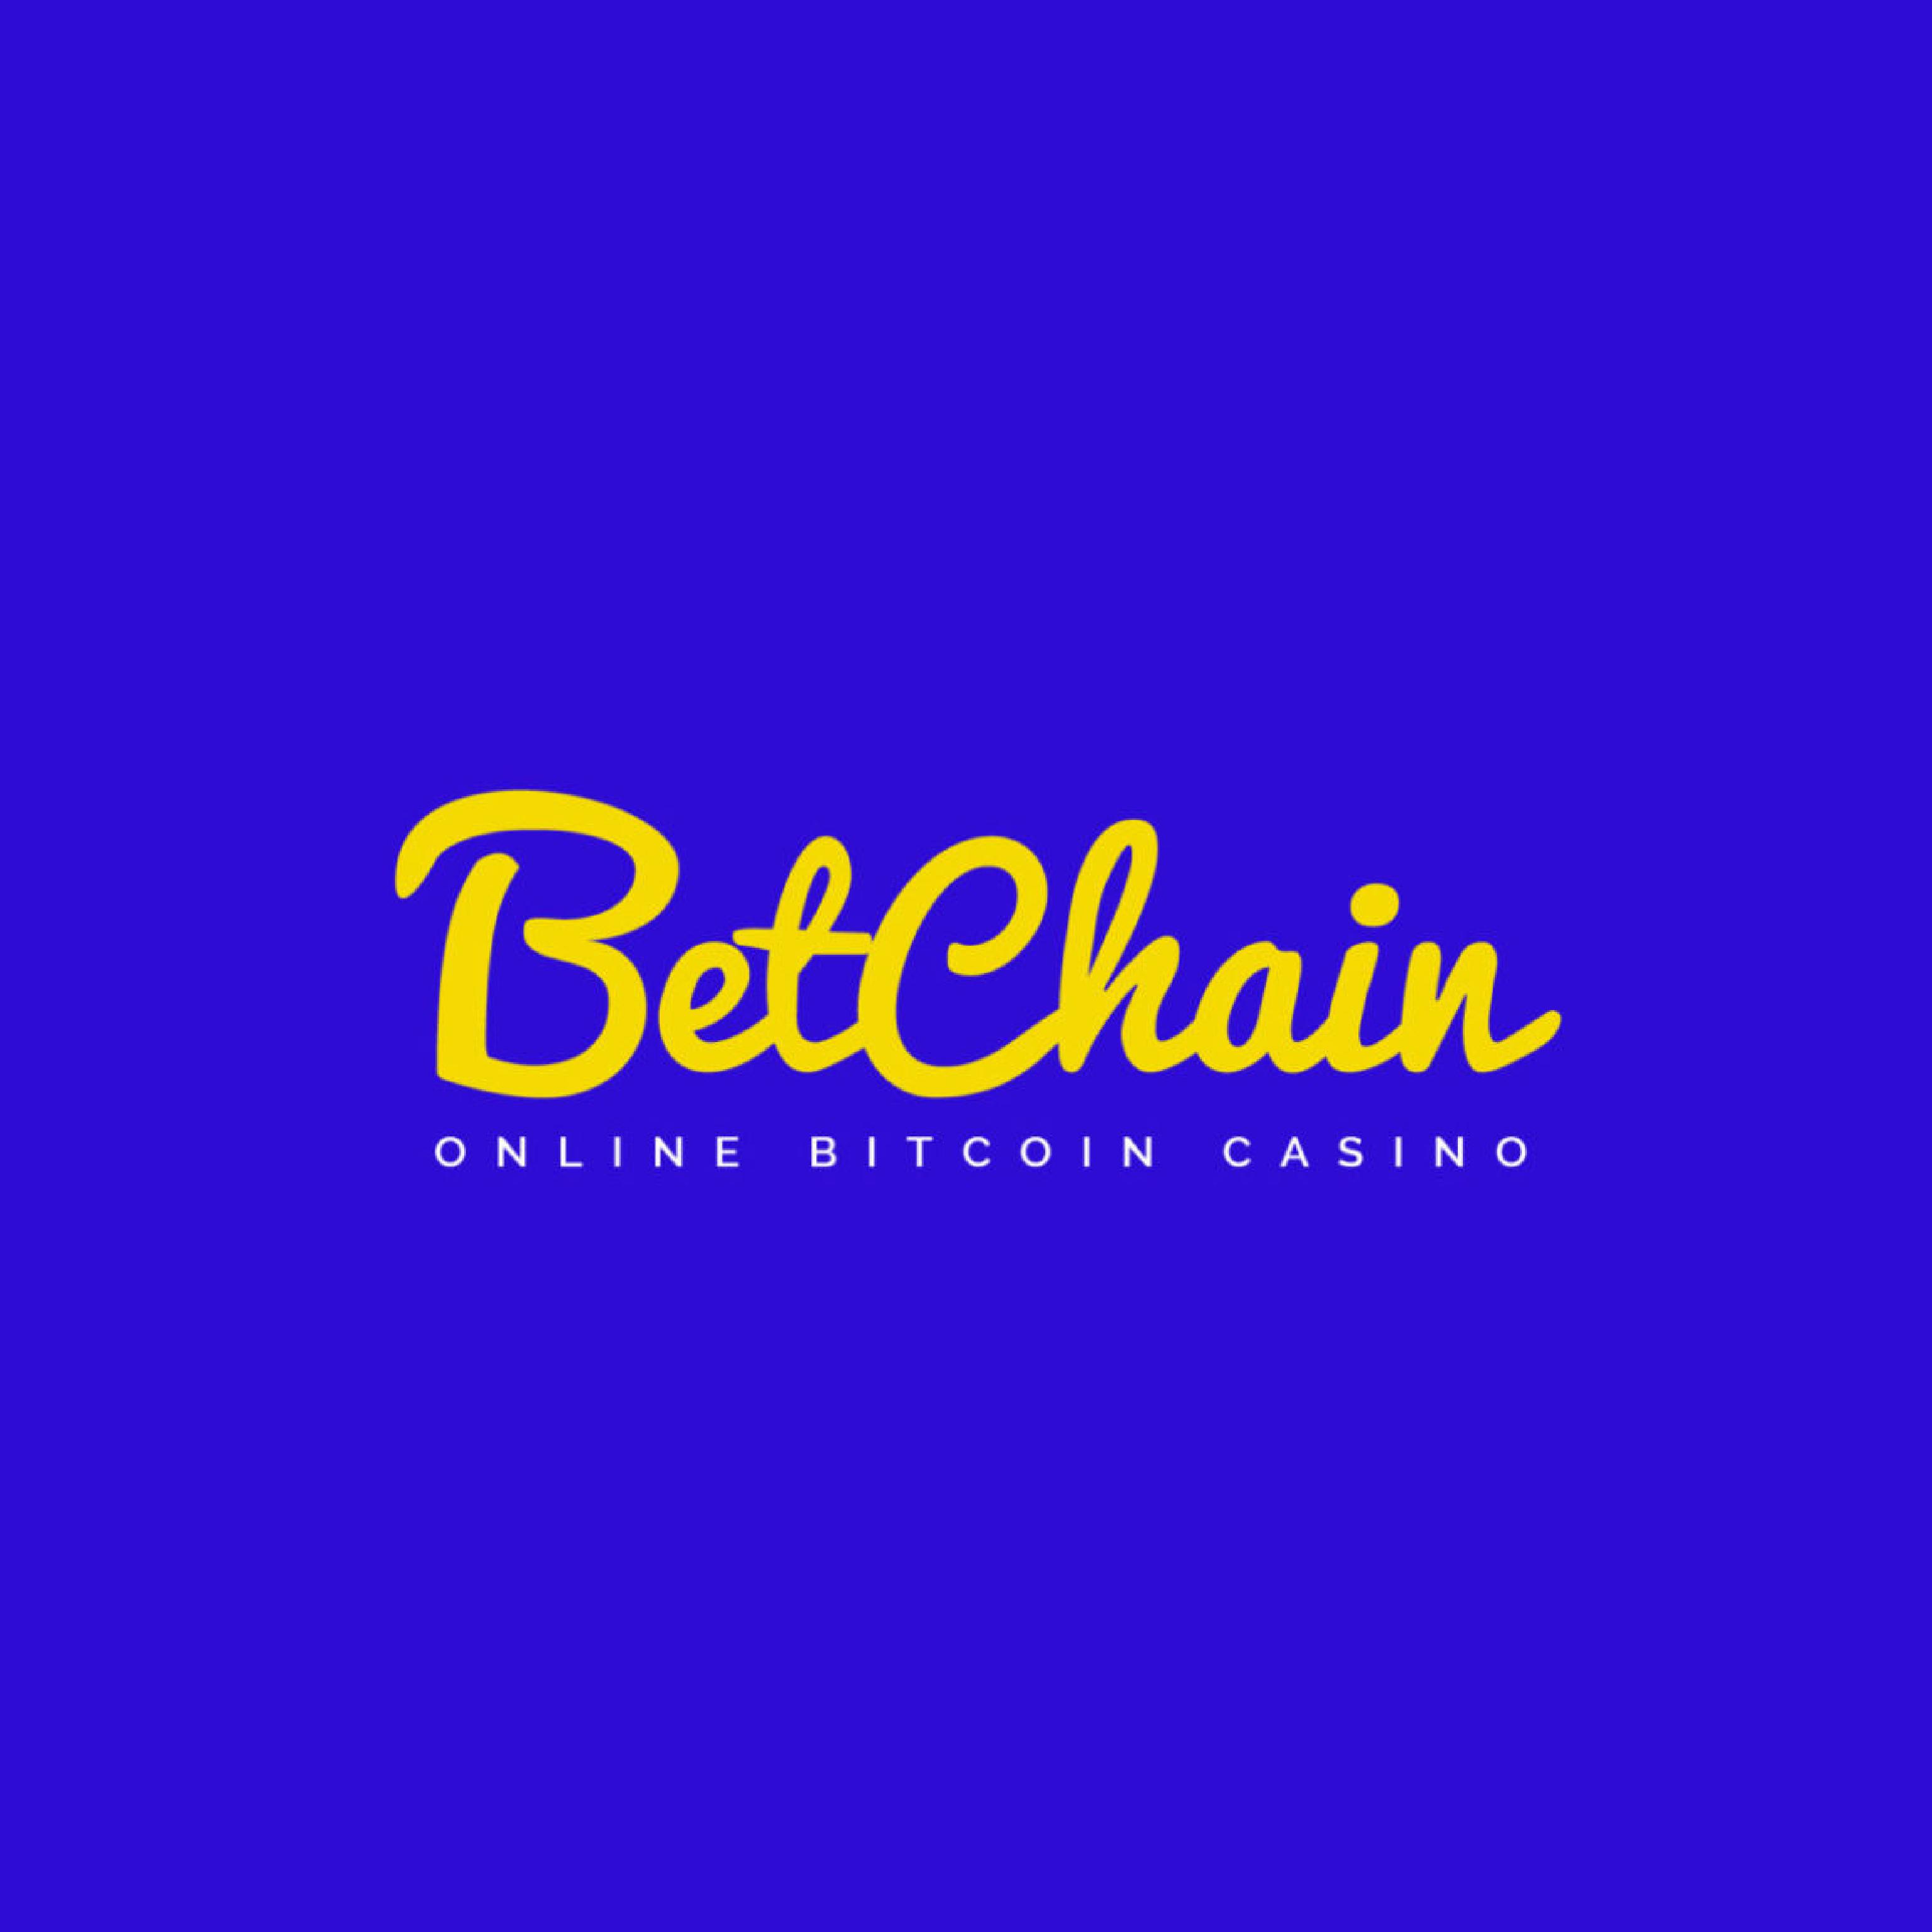 รูเล็ต bitcoin ออนไลน์ unibet